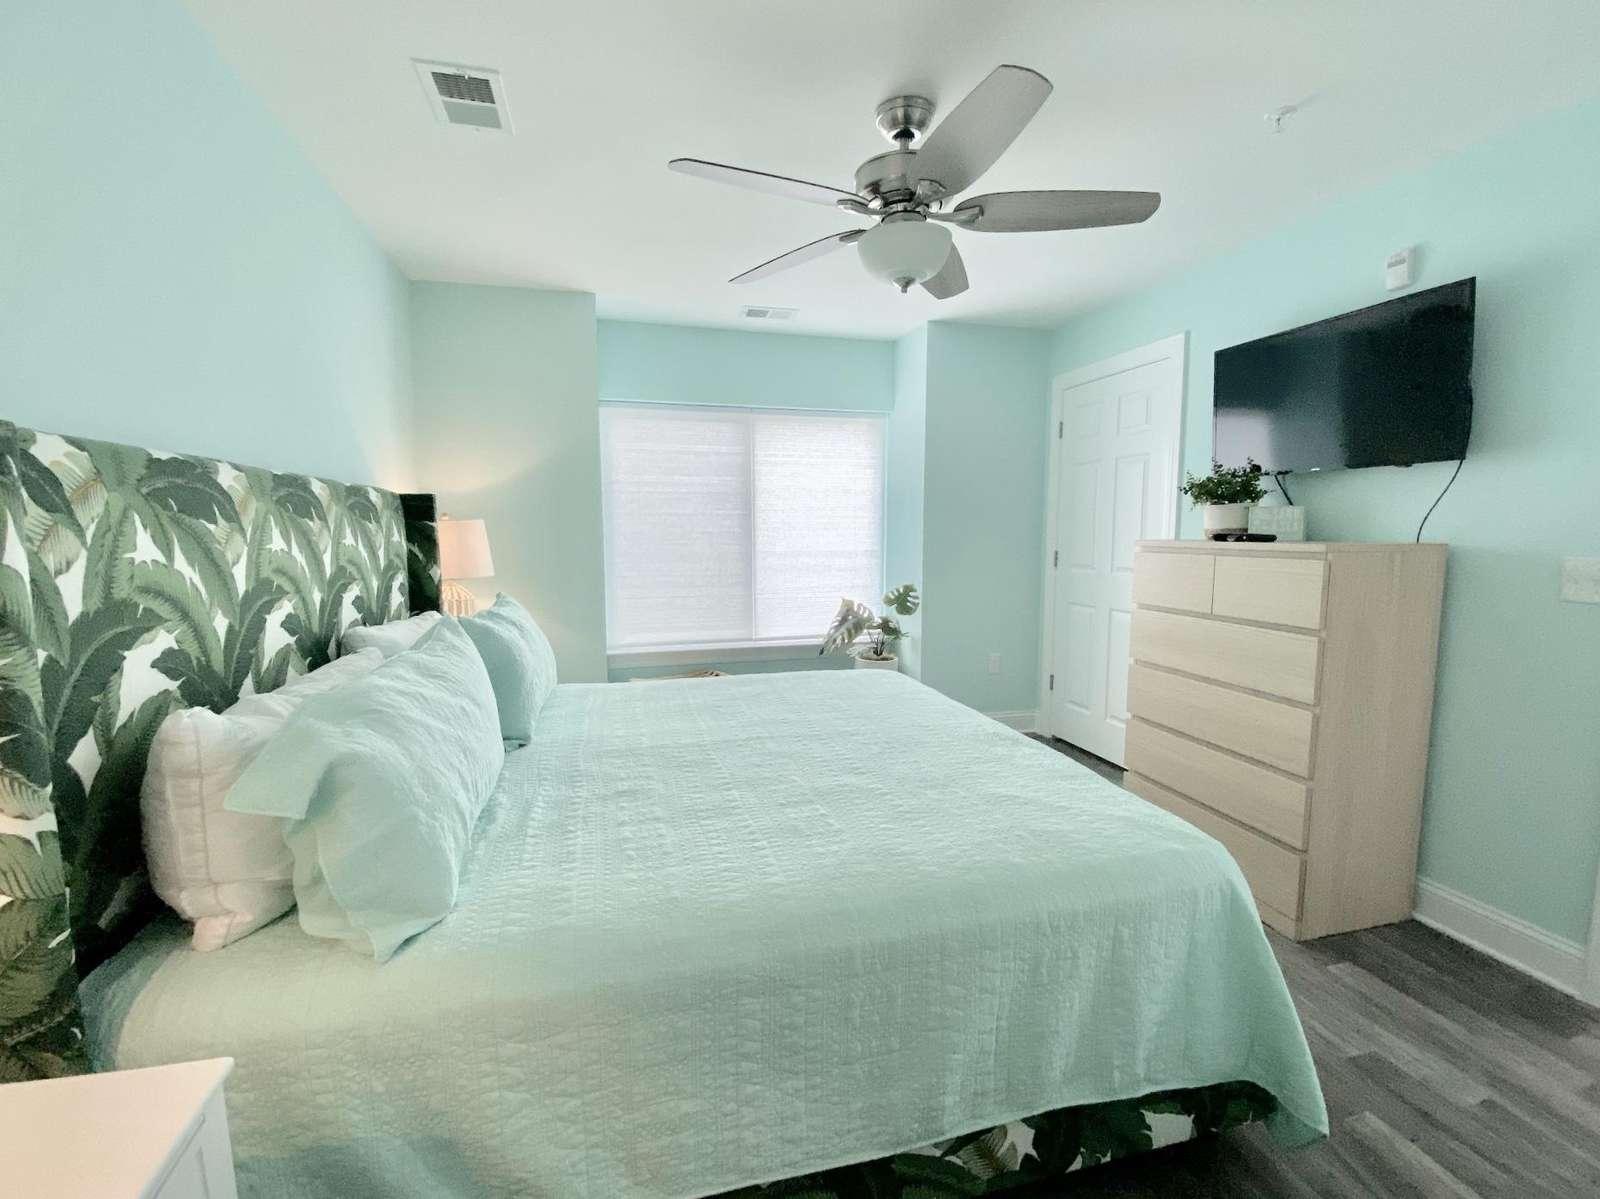 Master bedroom, flat screen TV, ceiling fan